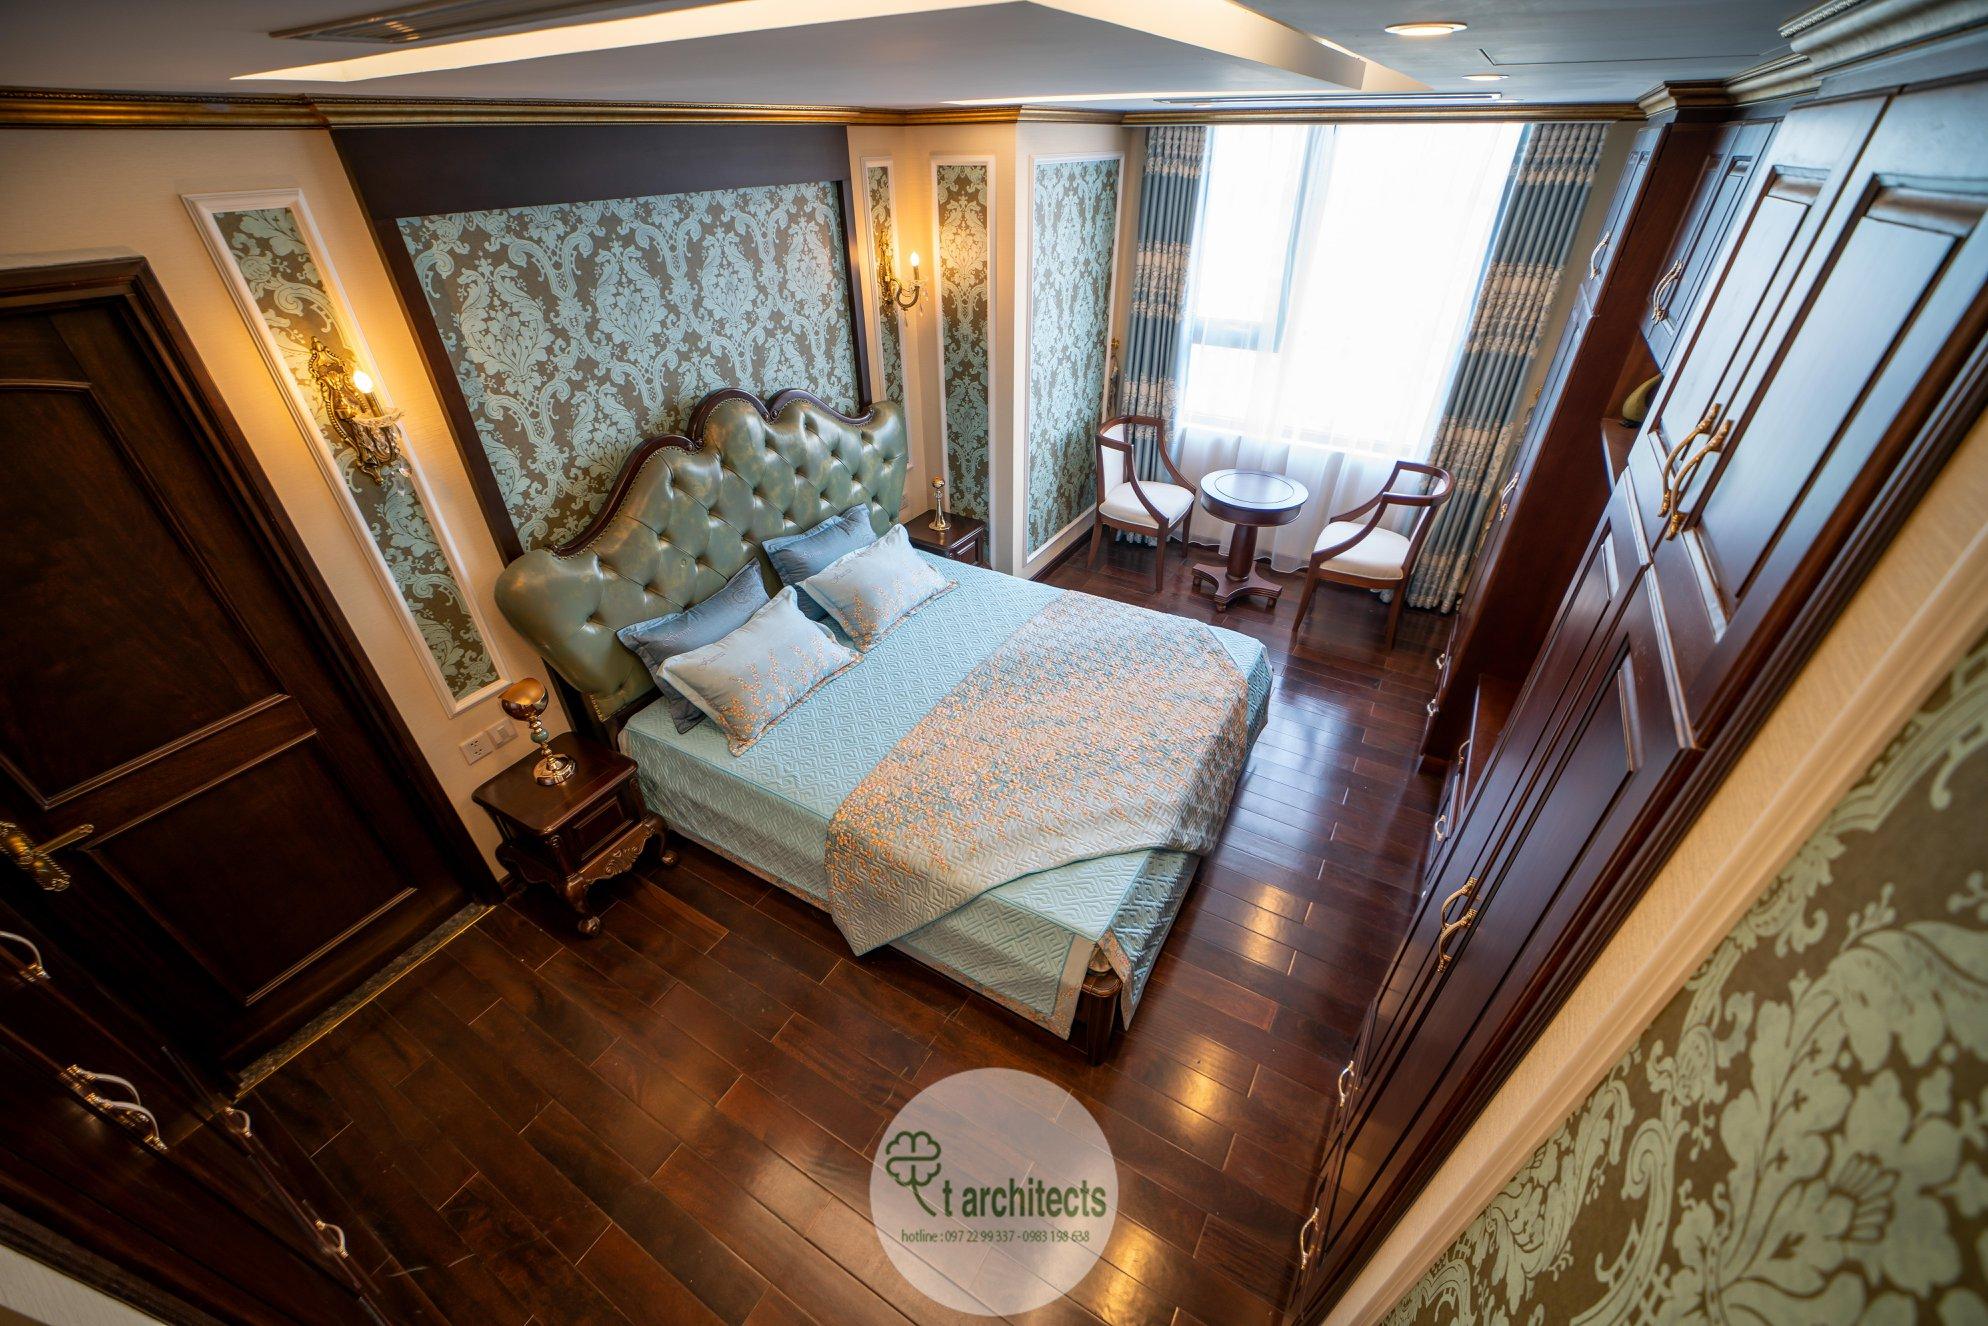 Thiết kế nội thất Chung Cư tại Hà Nội Thiết kế 6 căn hộ mẫu chung cư HC GOLDEN CITY 1589766599 12